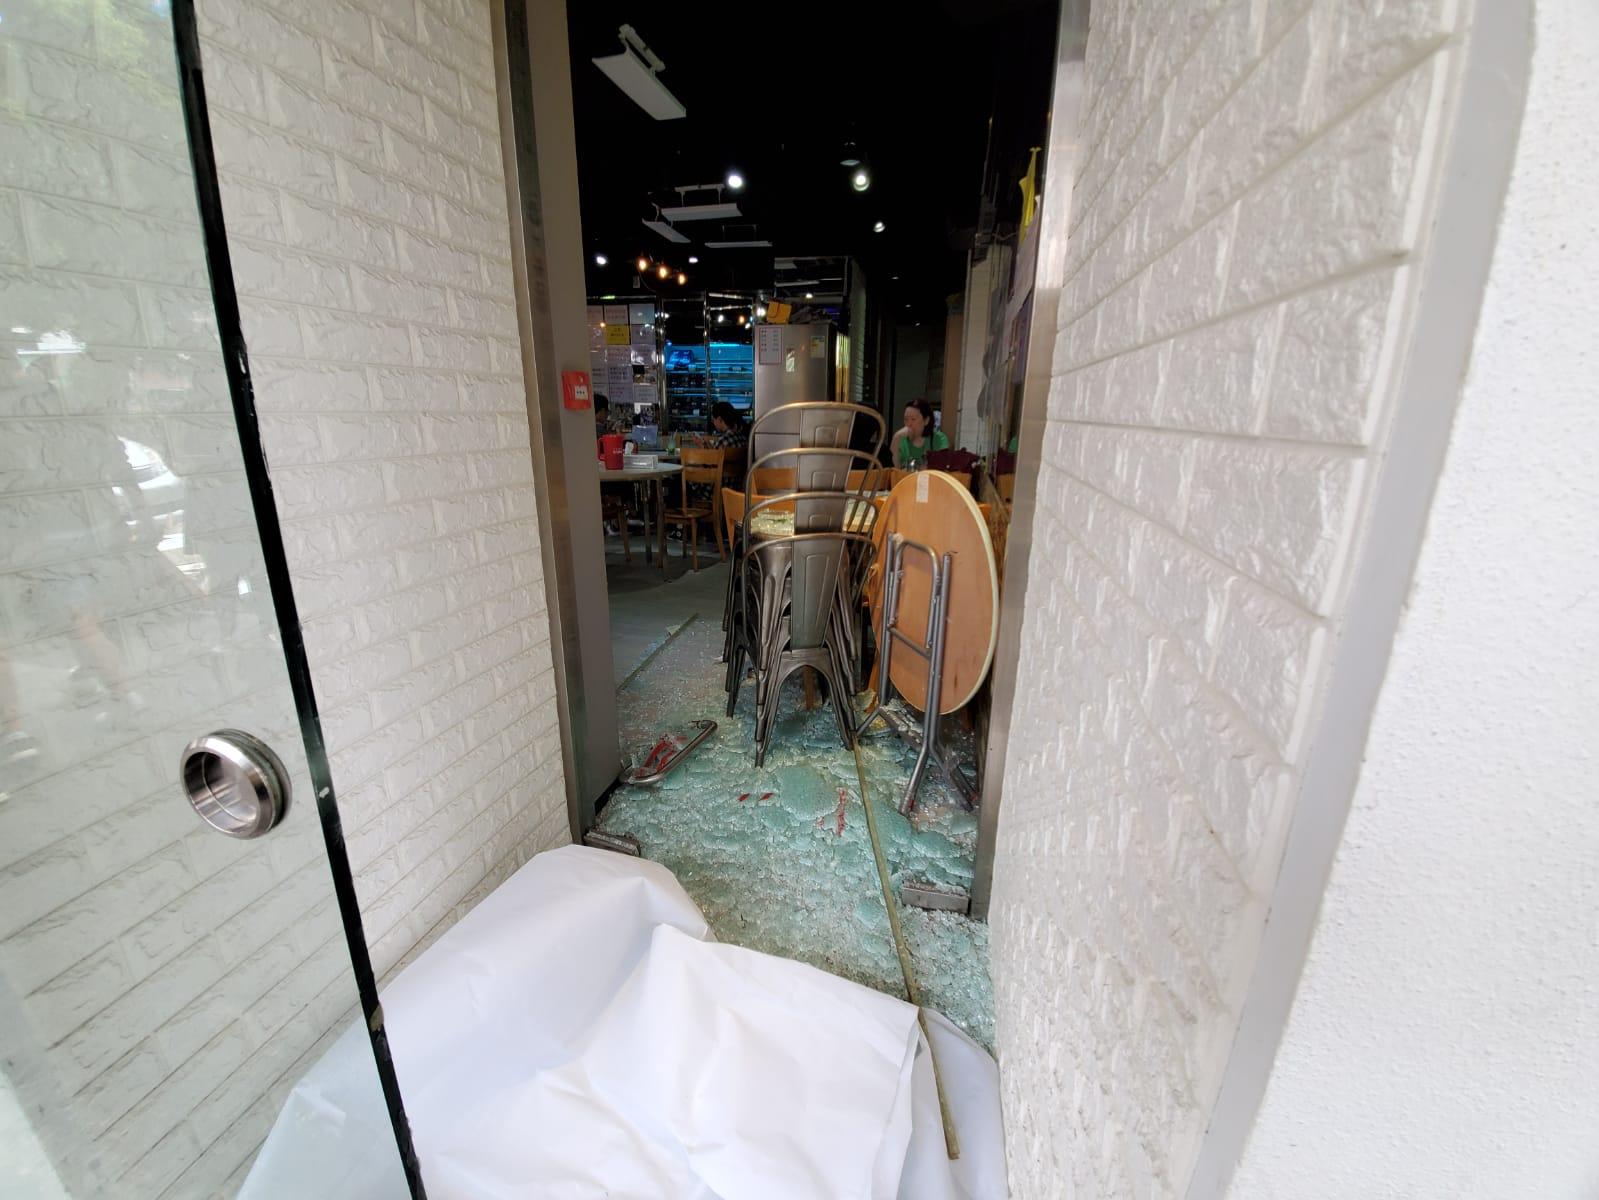 食店其中一隻玻璃門遭扑毀,碎片散落一地。 林思明攝